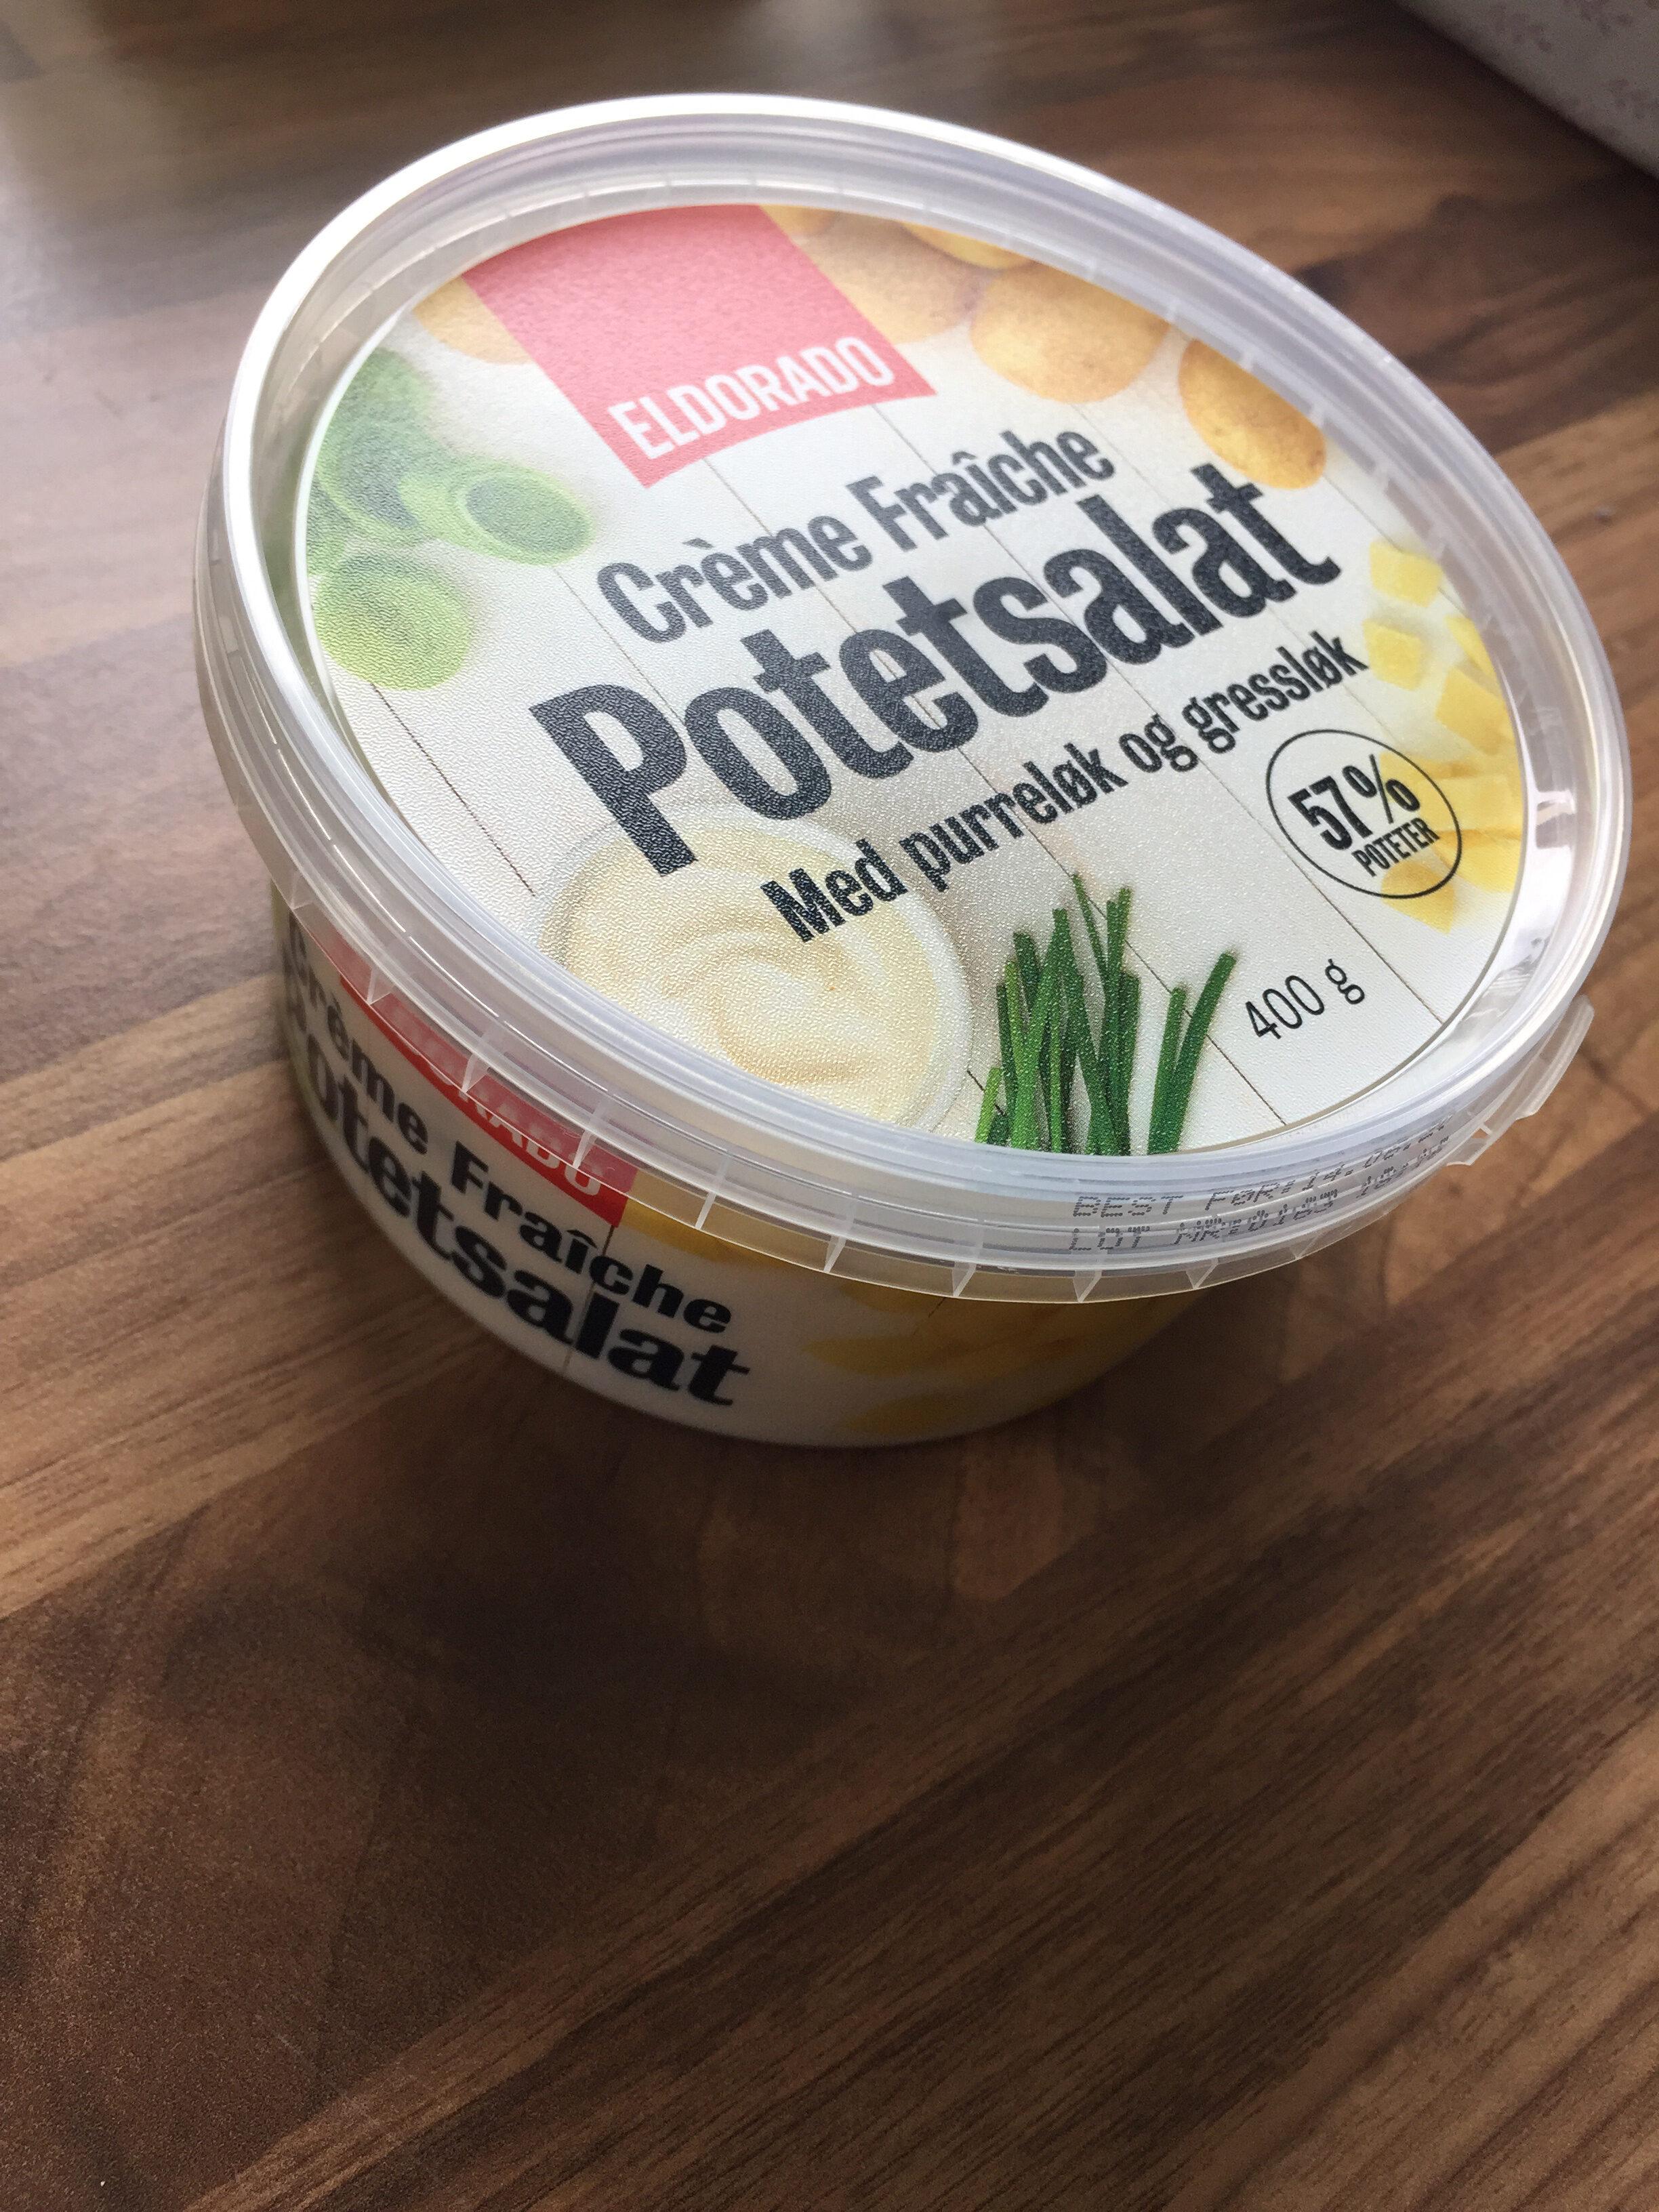 Crème Fraîche Potetsalat med purreløk og gressløk - Produit - nb